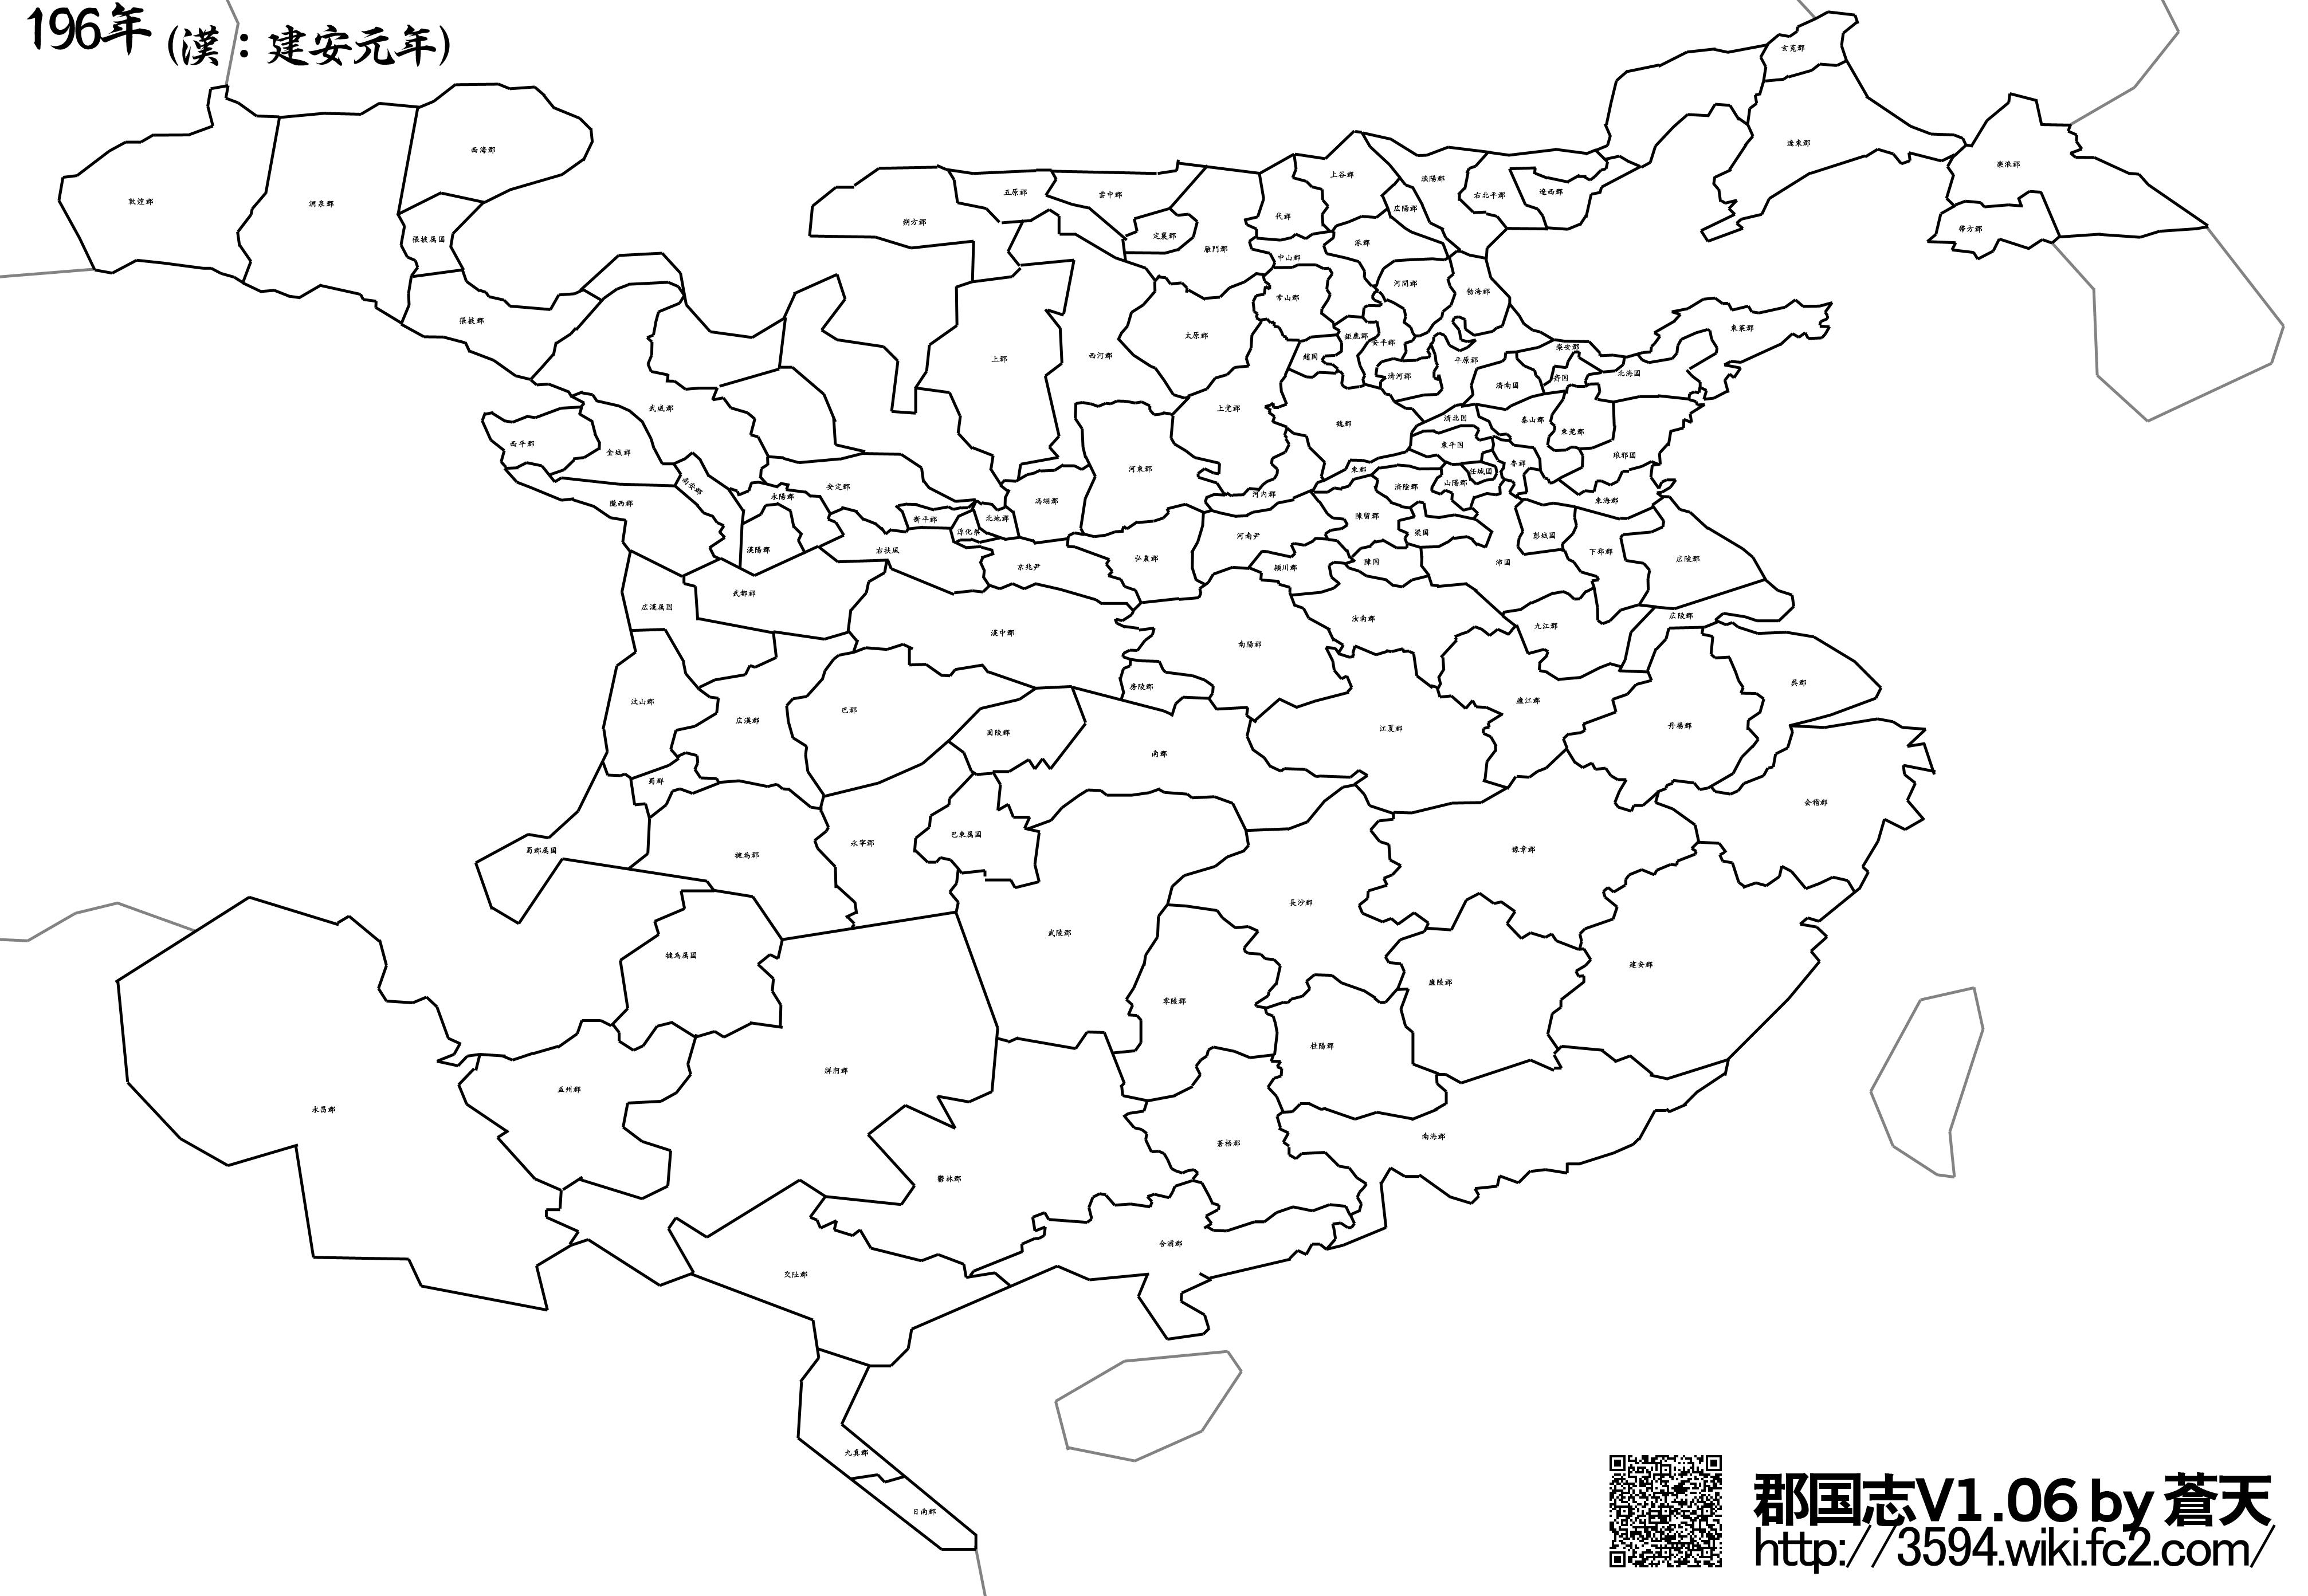 郡国志v106_196年